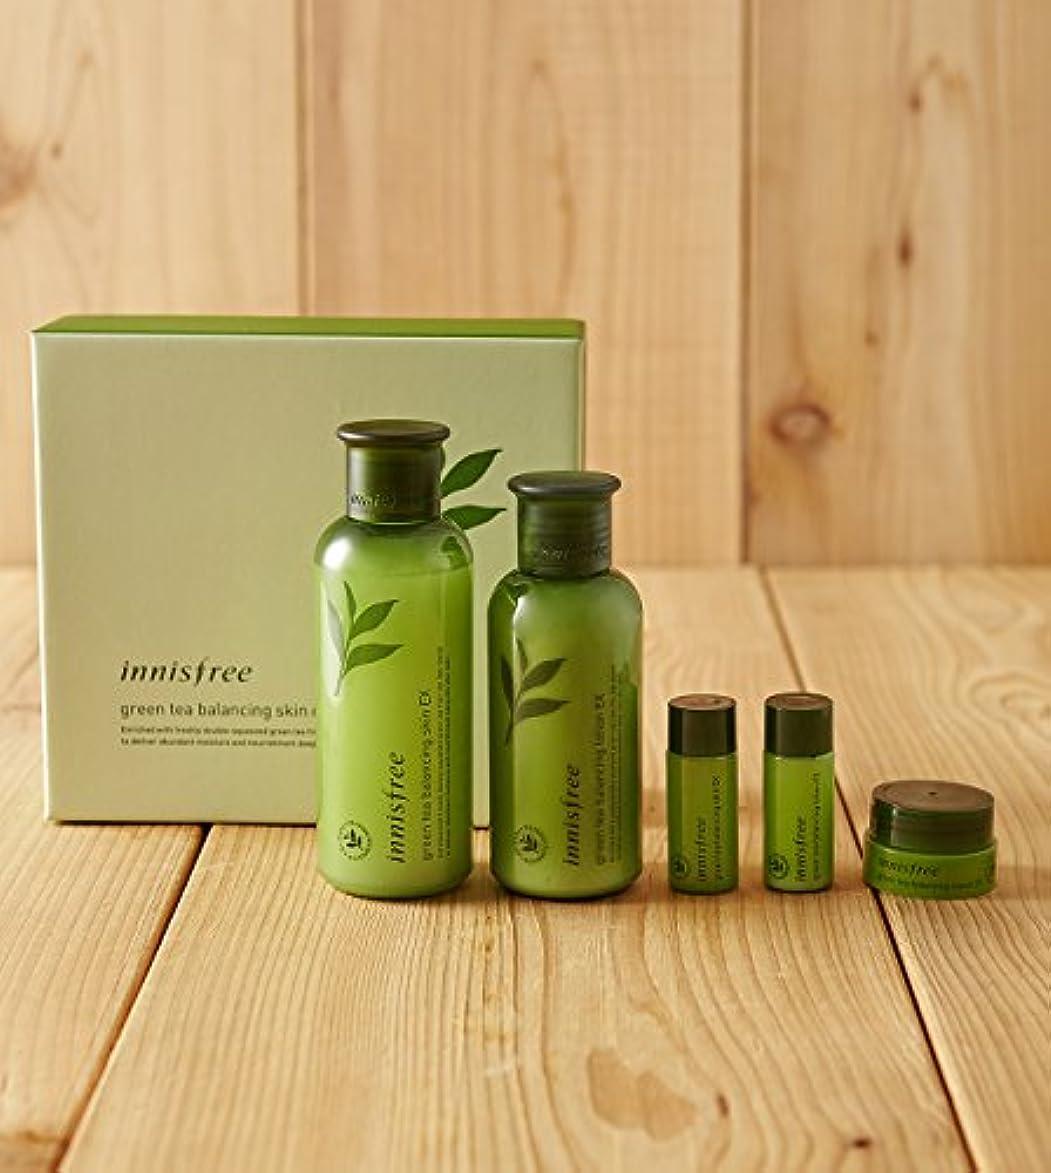 血色の良いカブインシデントinnisfree green tea balancing skin care set ex/イニスフリーグリーンティーバランシングスキンケアセットex